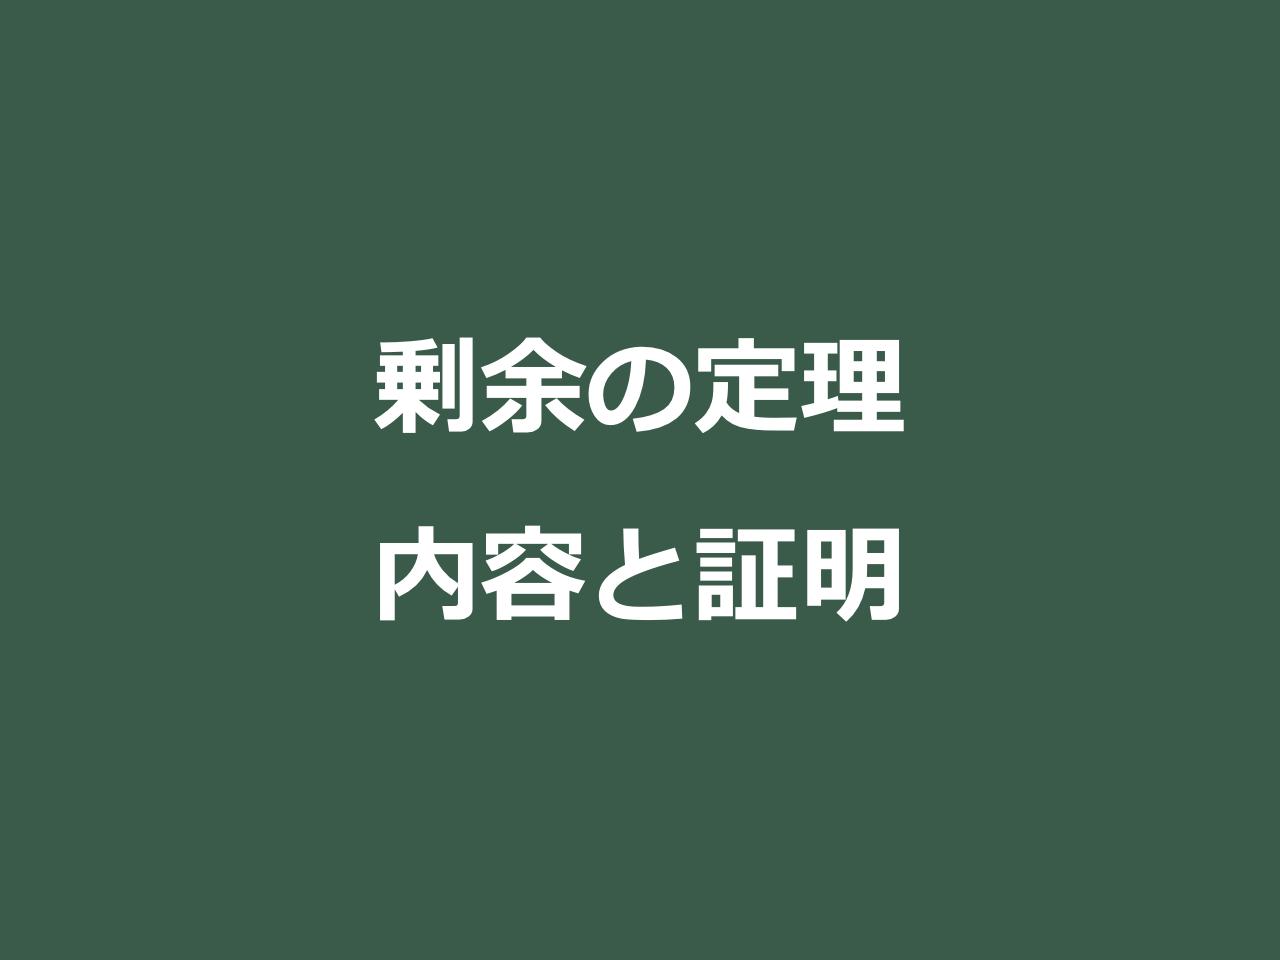 剰余の定理